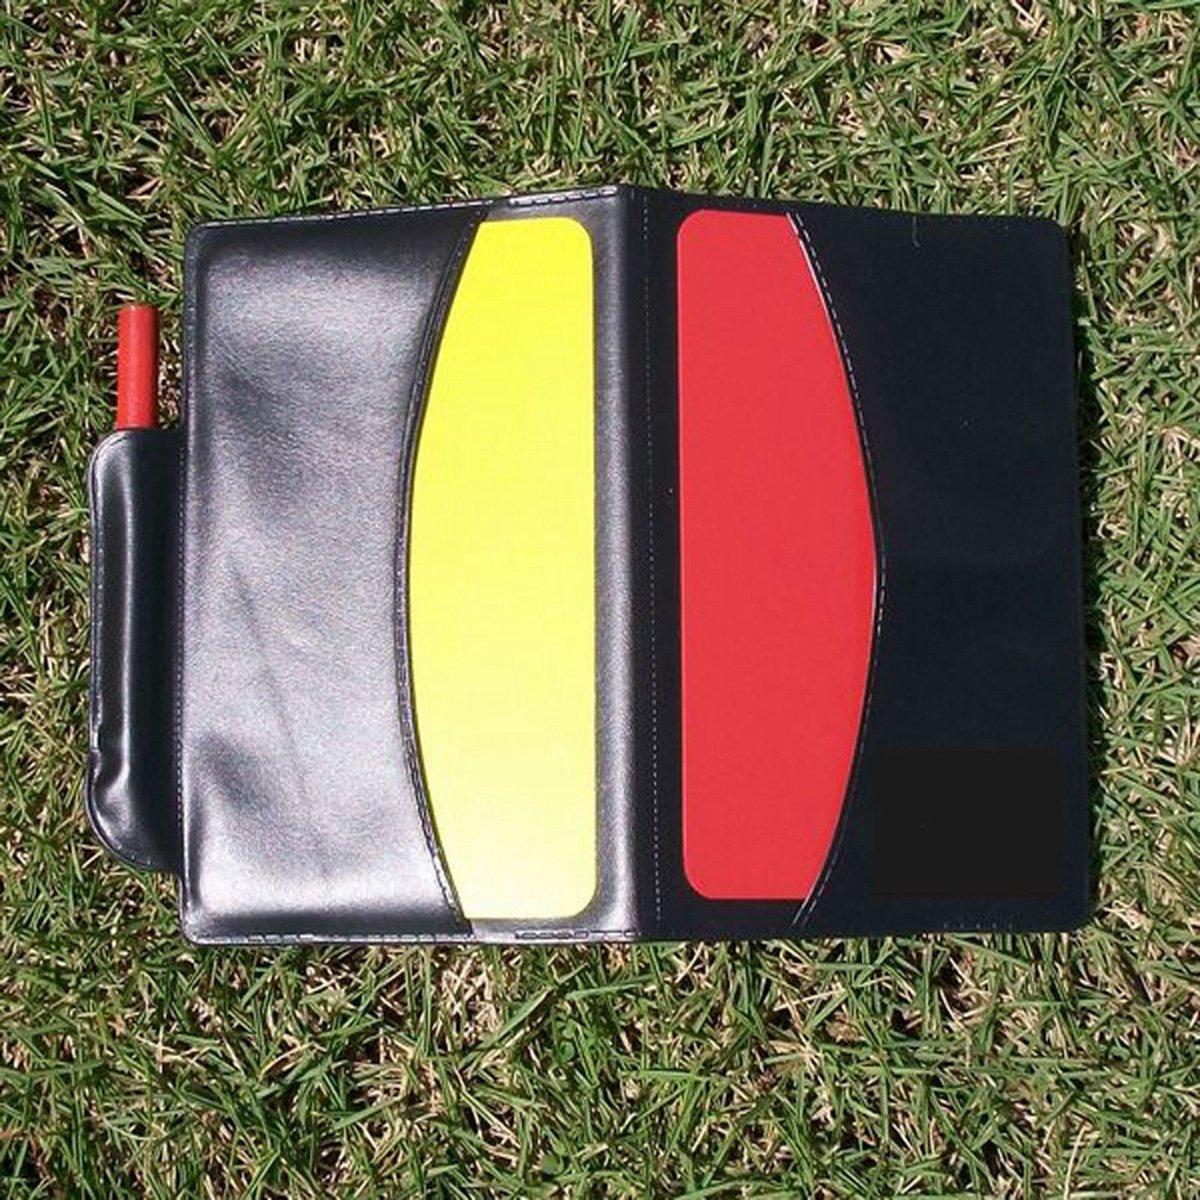 VORCOOL Fischio dellallenatore del metallo della carta gialla del cartellino rosso della carta di arbitro del cartellino rosso per calcio di calcio